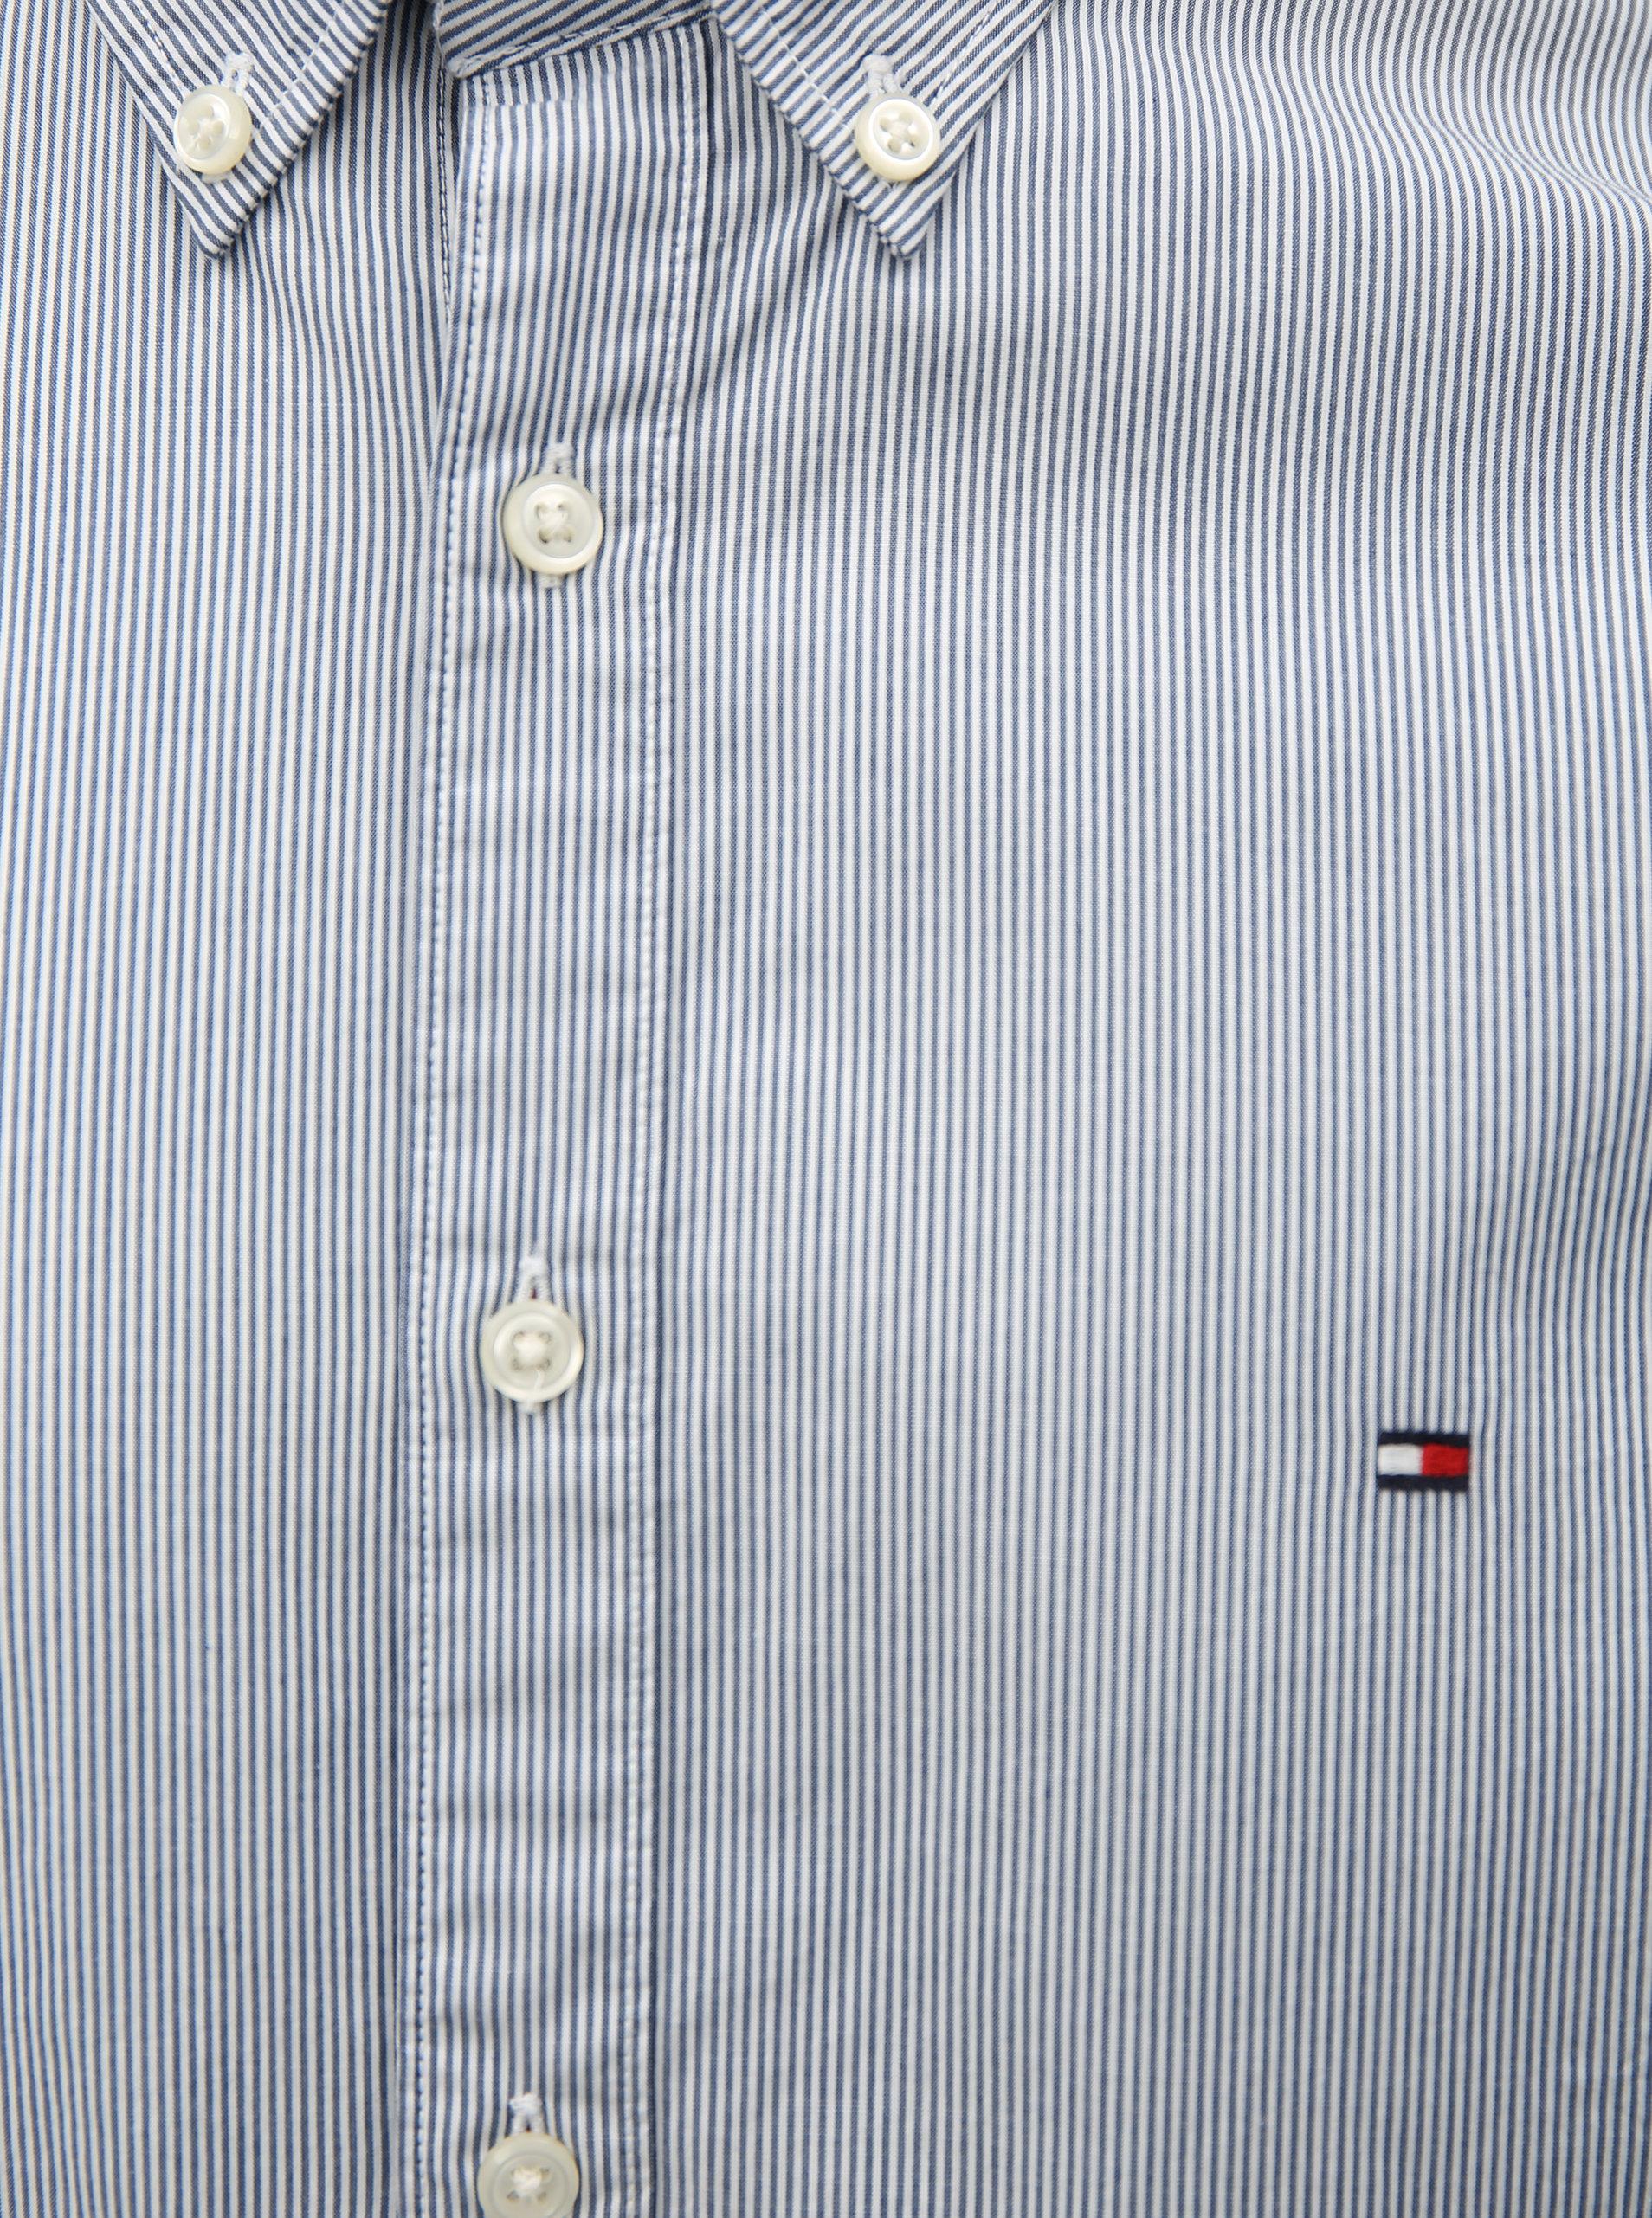 Bielo-modrá pánska slim fit pruhovaná košeľa Tommy Hilfiger ... 34532cffa65